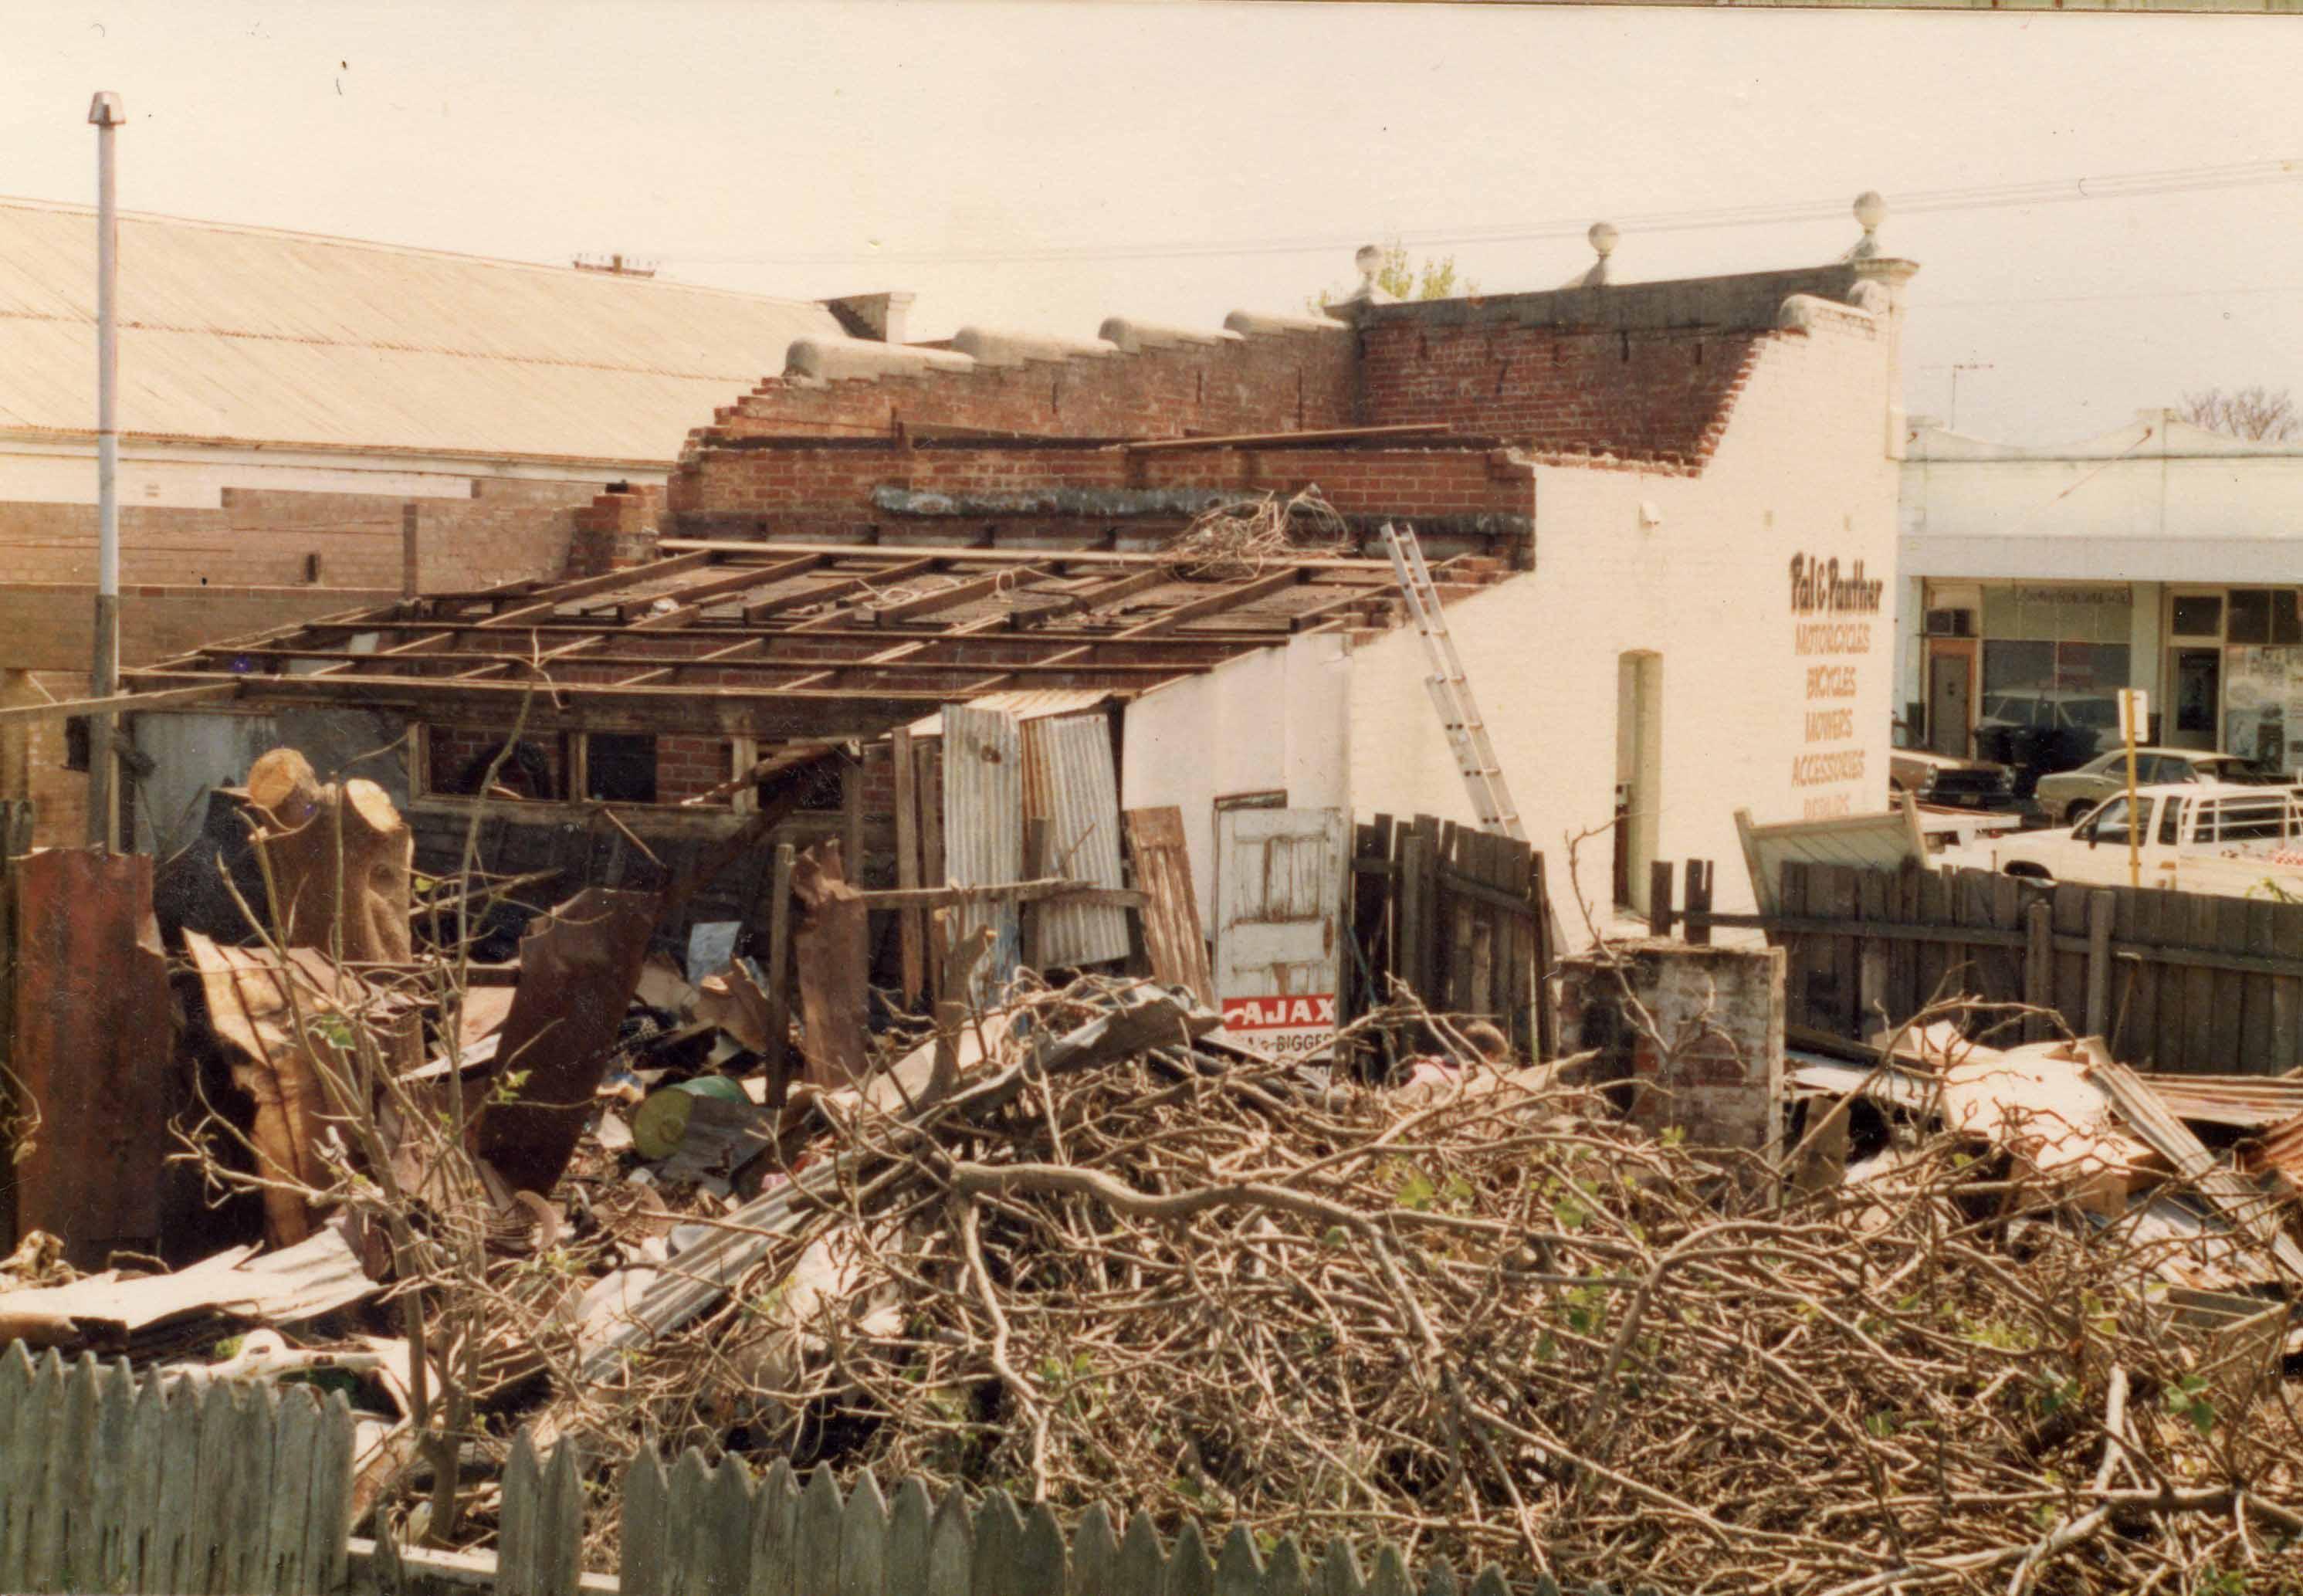 156. Demolition of 29 Angove 1988